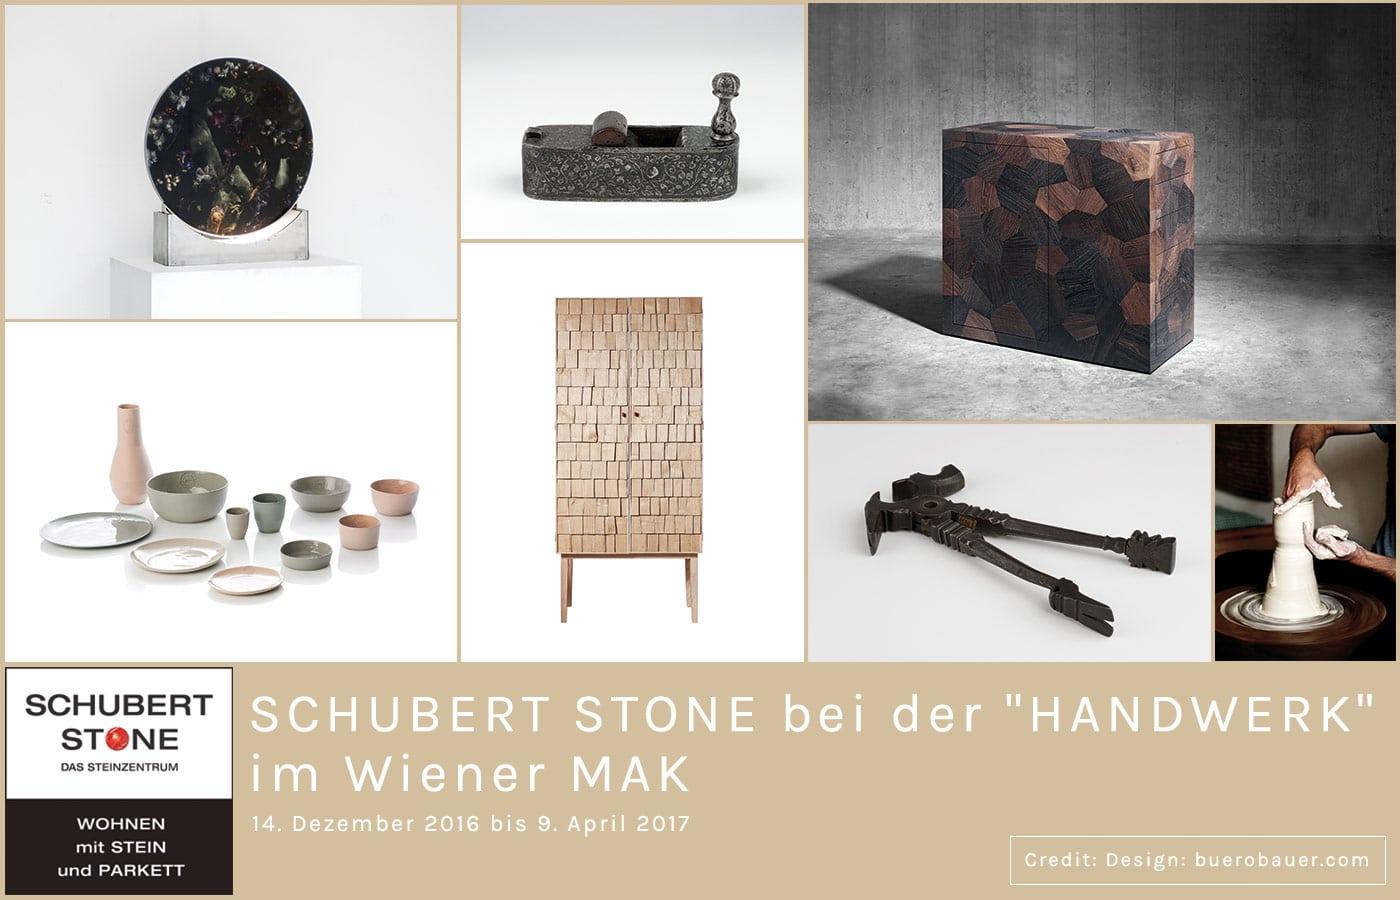 schubert-stone-mak-startbild